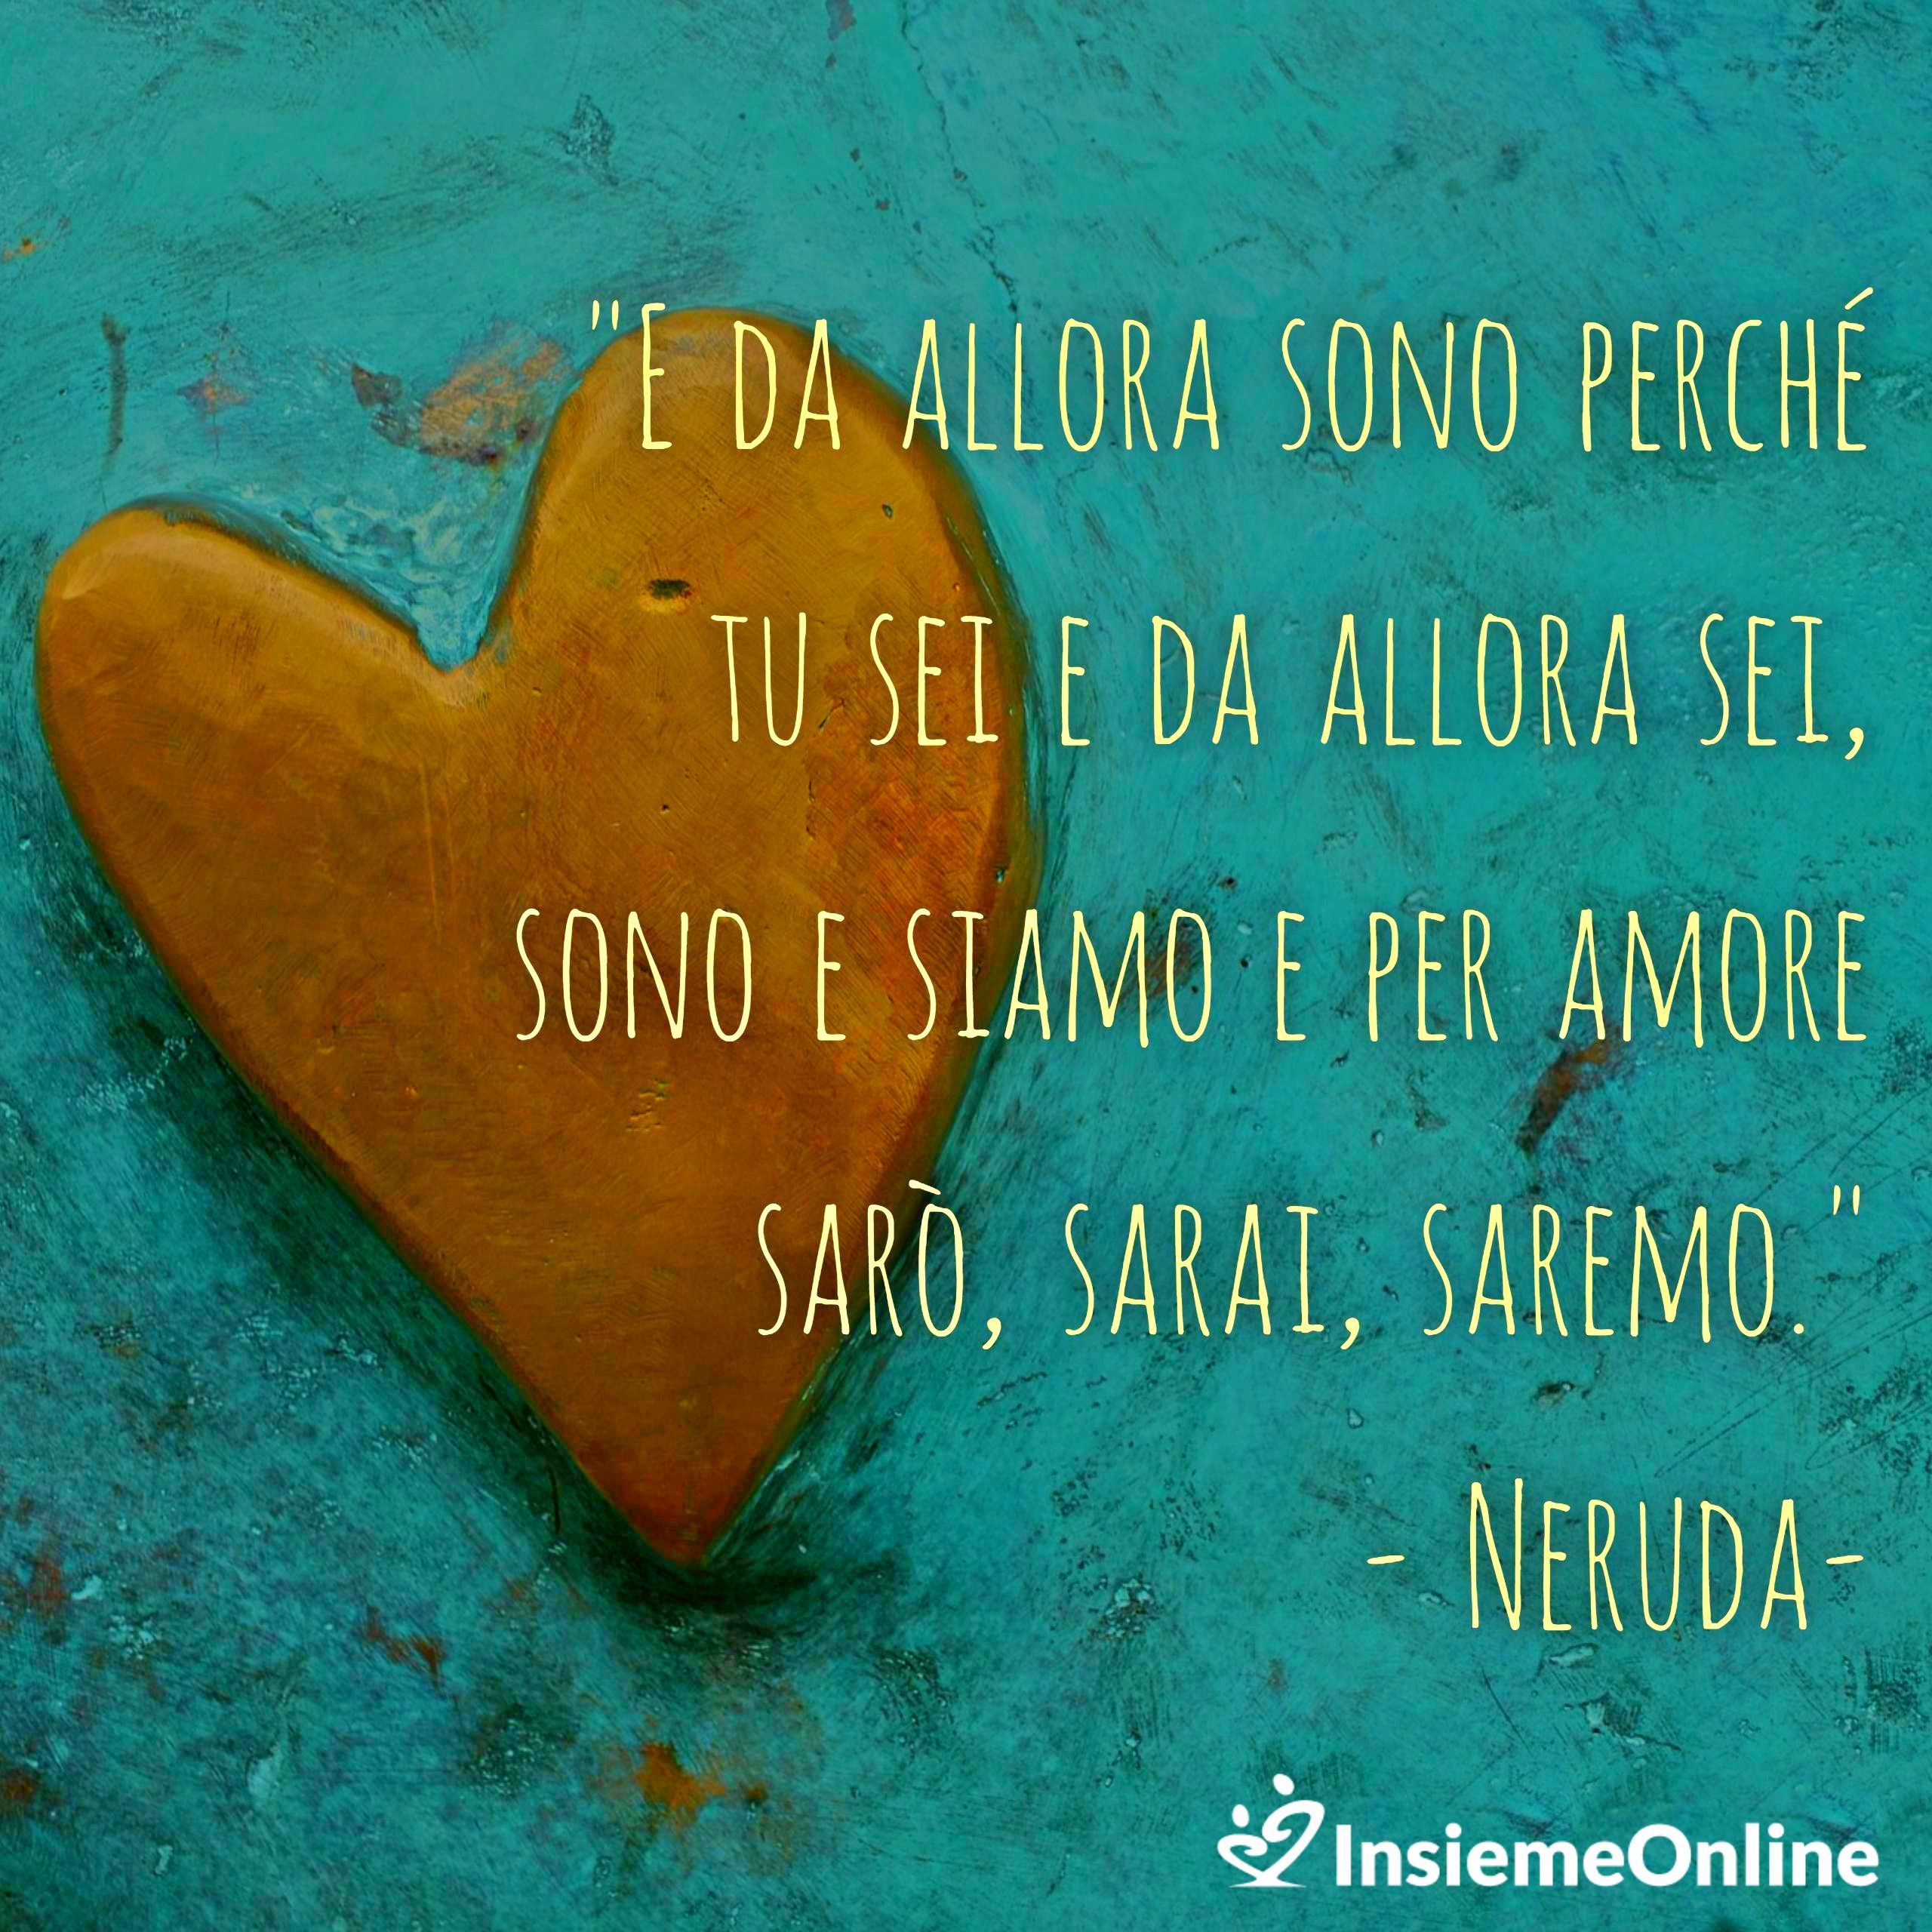 Pin Di Insiemeonline It Su Pensieri E Frasi D Amore Frasi D Amore Citazioni Sull Amore Amore